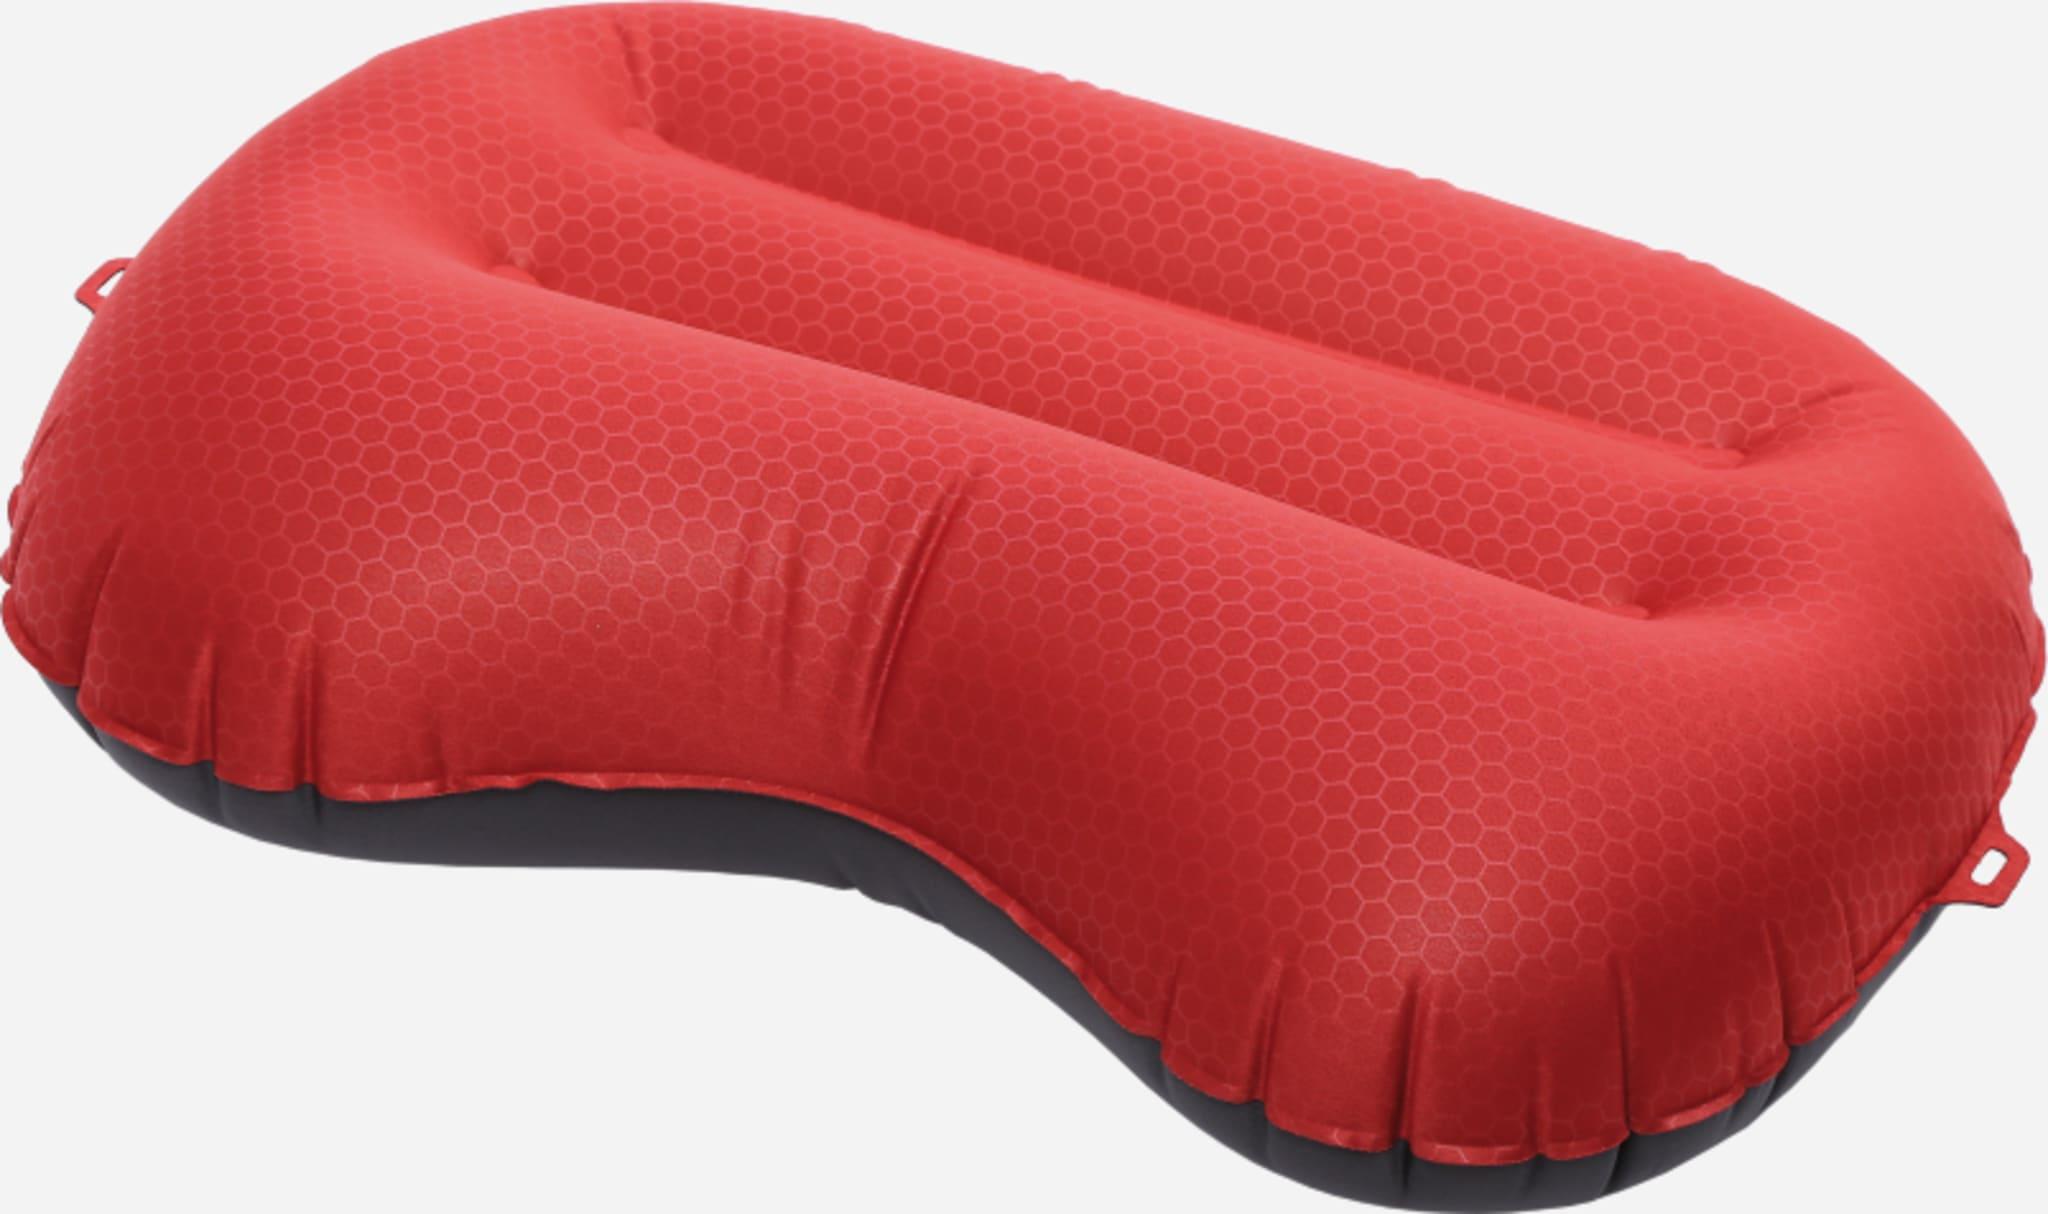 Lett og komfortabel pute for komfort på tur